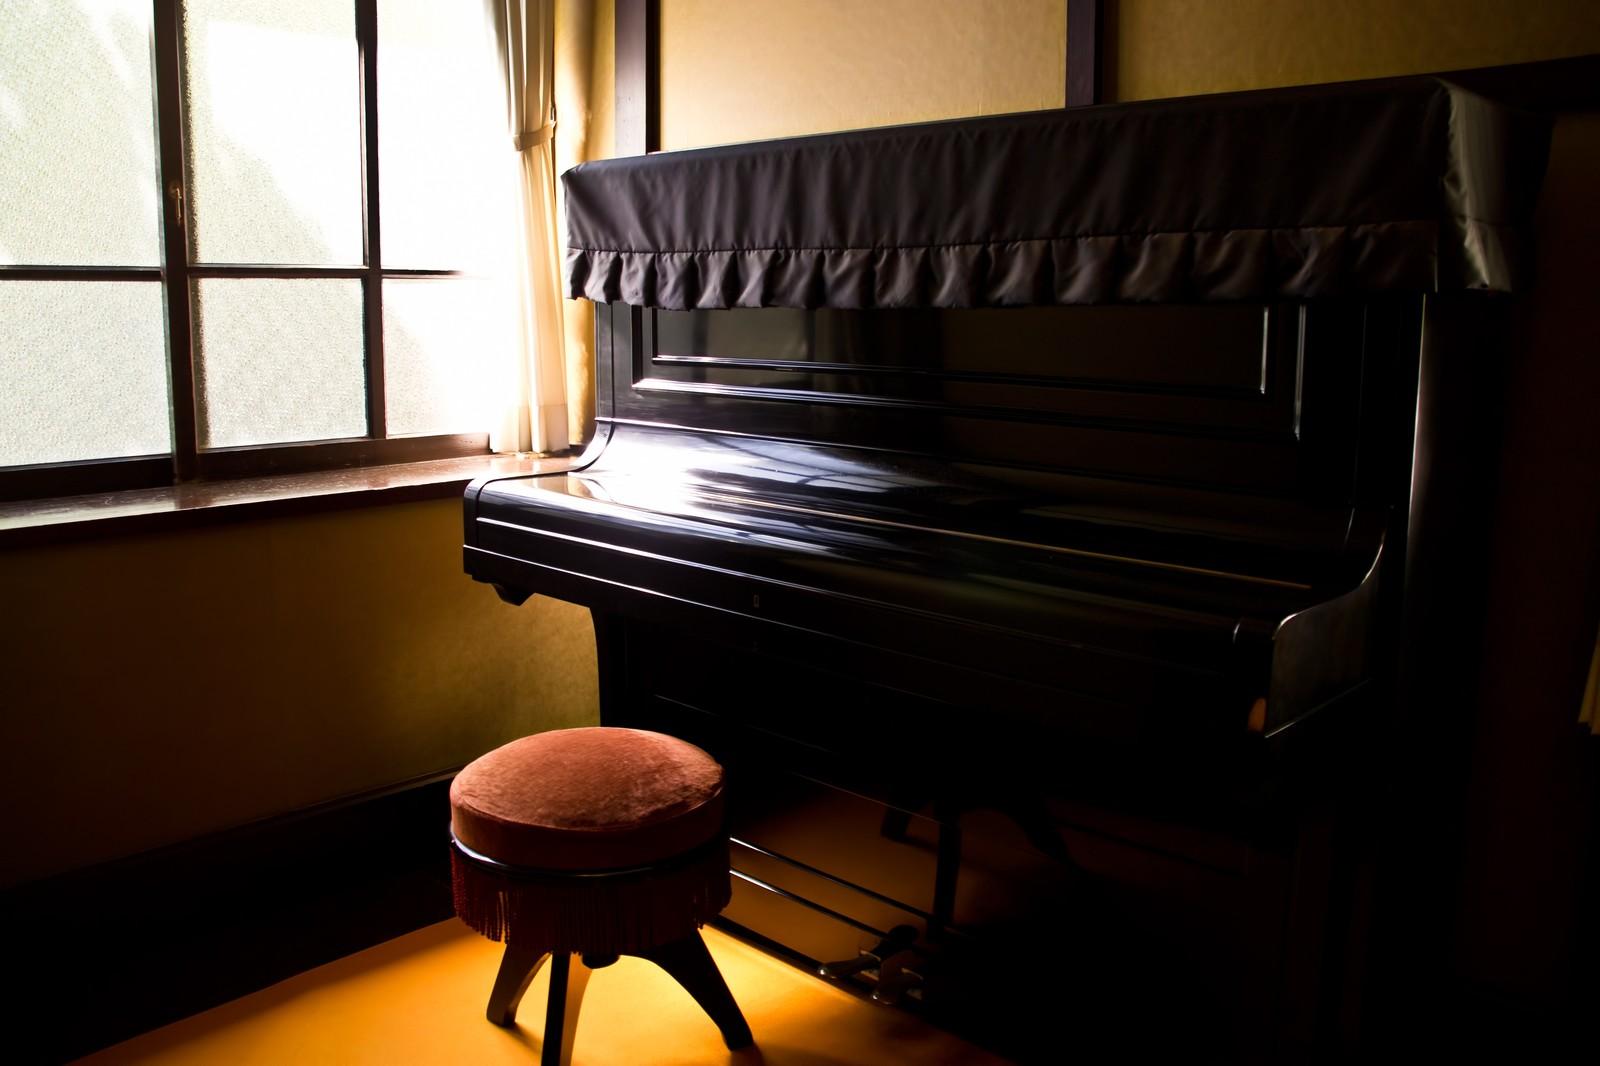 生田絵梨花 ピアノ ぼっち 大学 画像